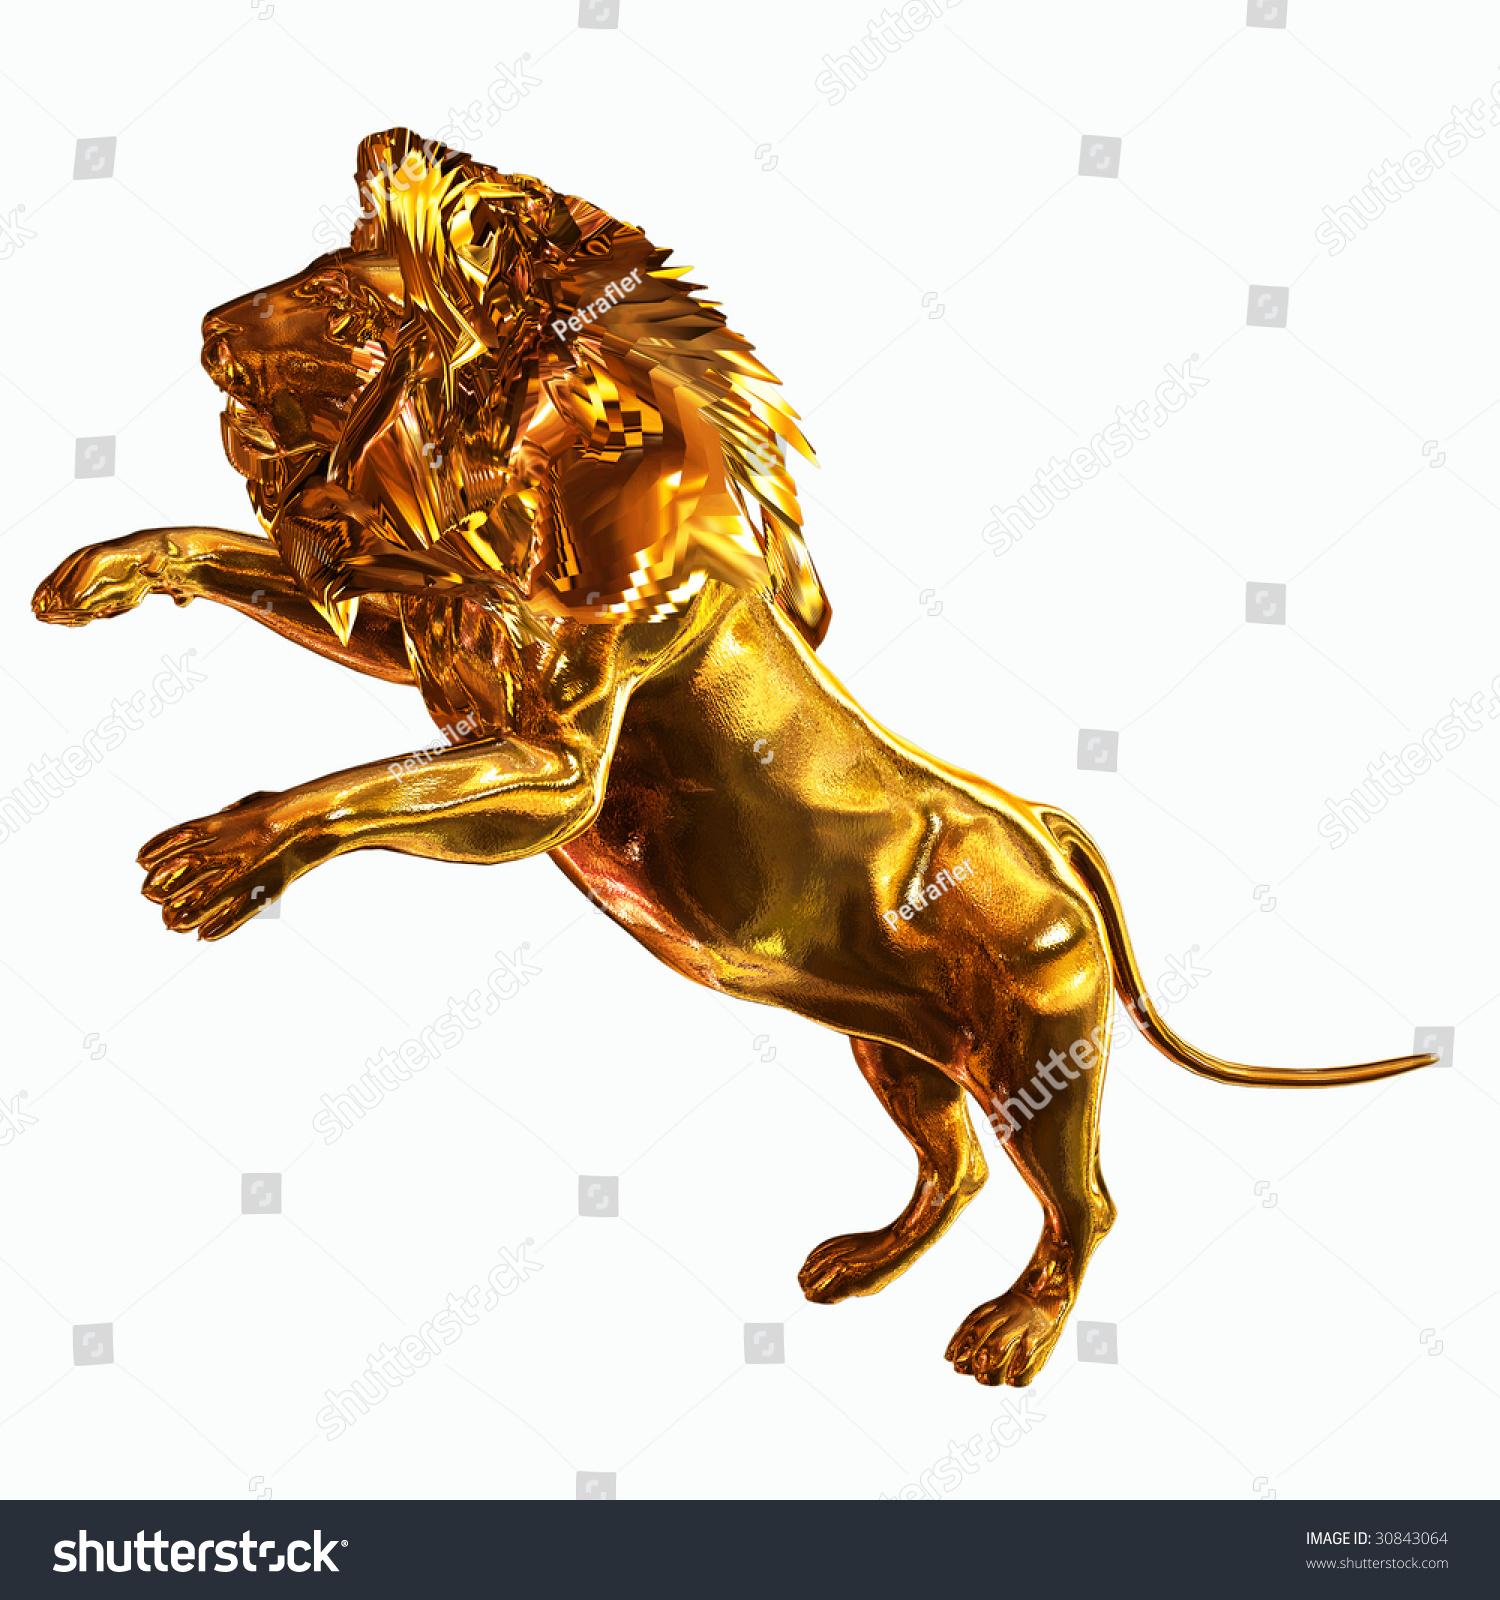 golden lion stock illustration 30843064 shutterstock fashion man clipart fashion man clipart